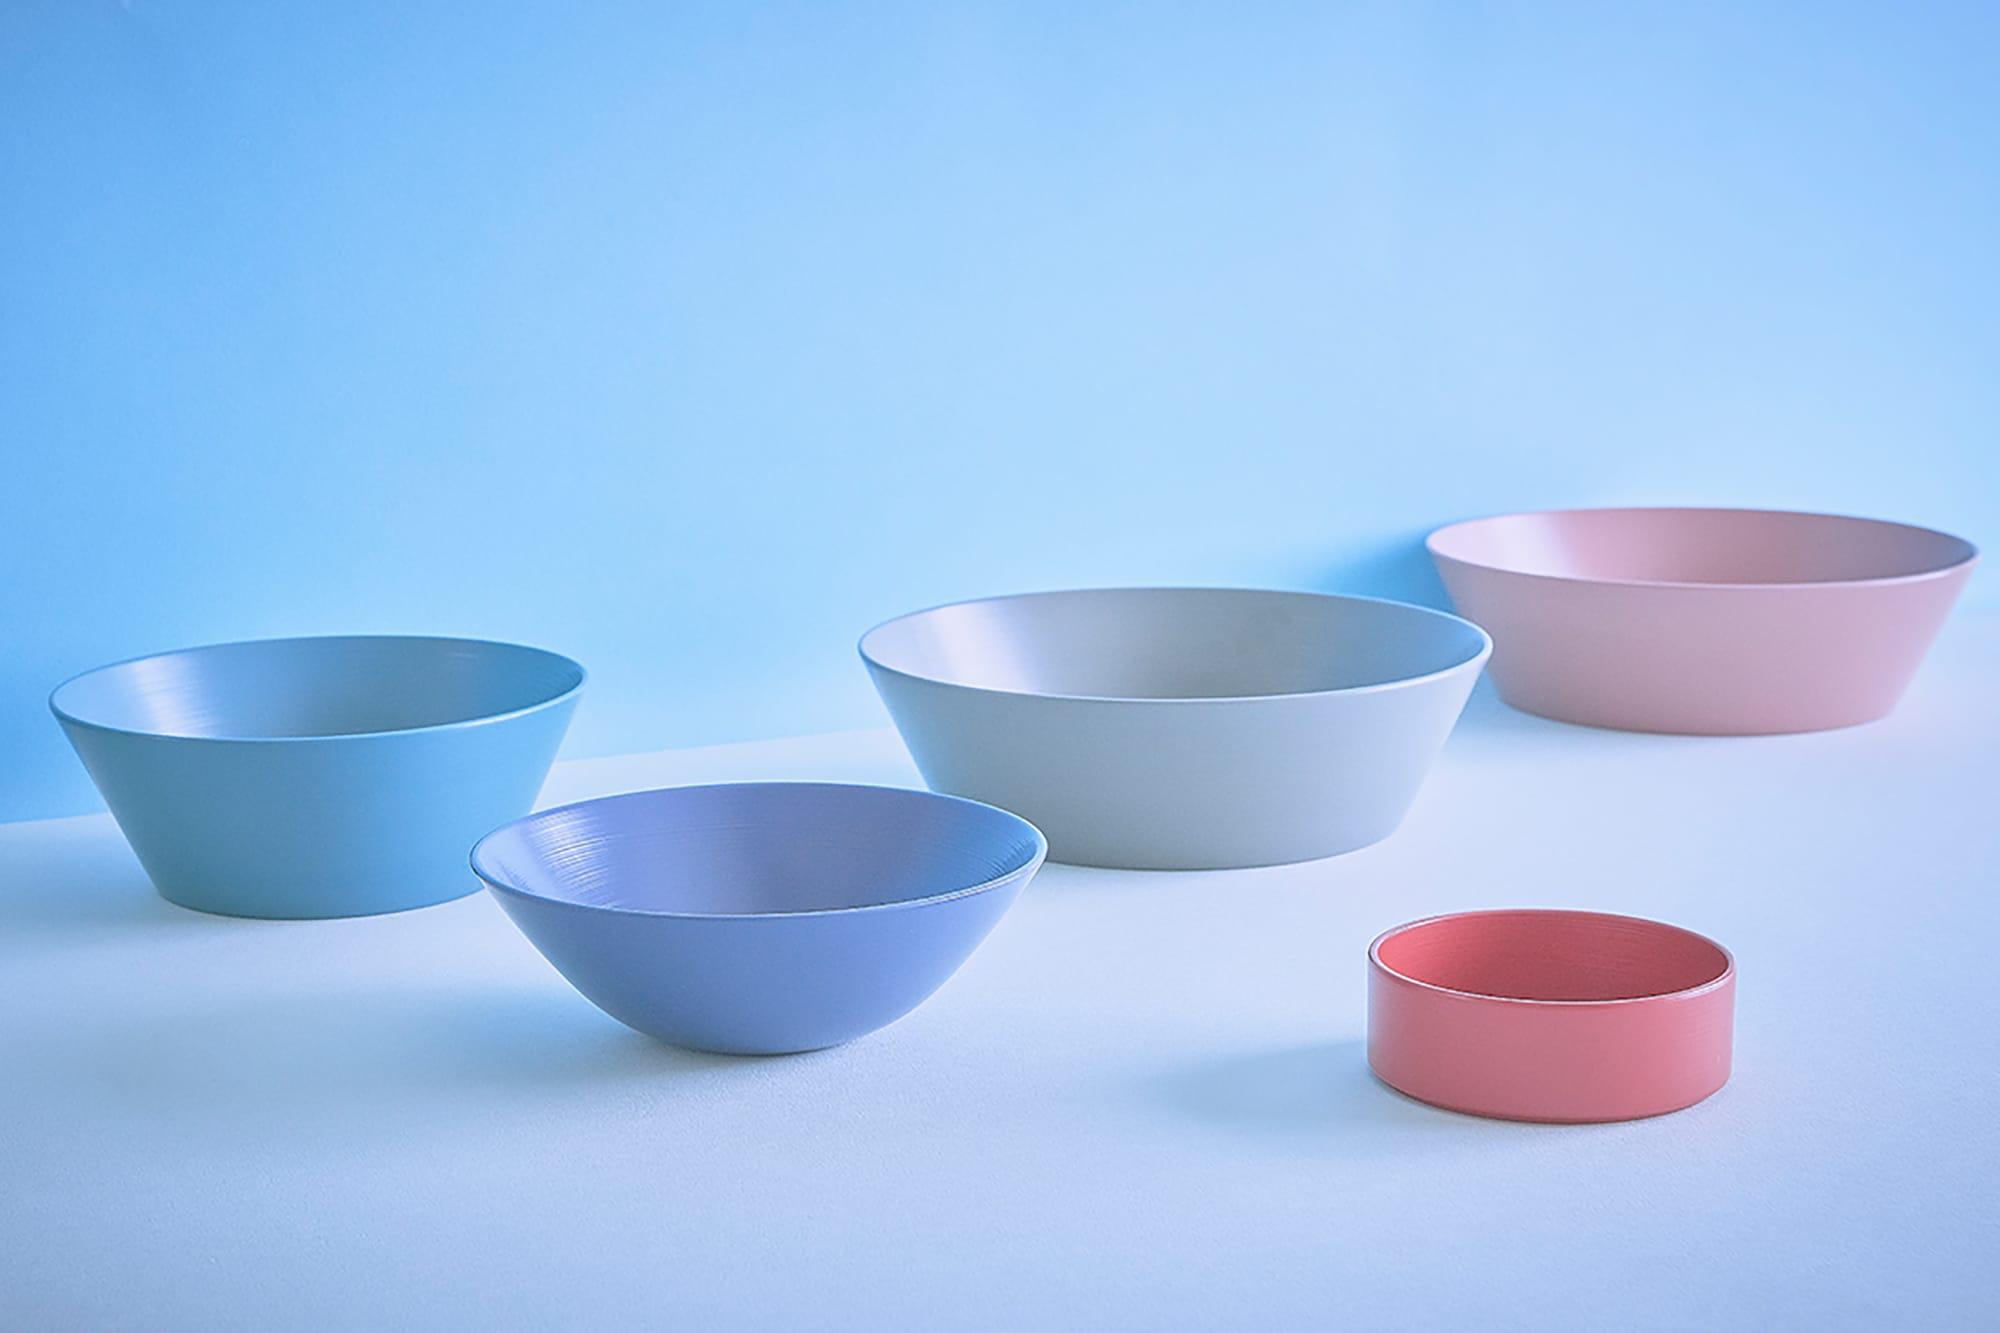 RIN&CO.のカラフルな越前硬漆 刷毛目の器。福井県、福井大学との産学官の連携によって堅い塗膜を実現した食器洗い機にも耐えうる漆器。手塗りによる刷毛目を活かしたデザイン。